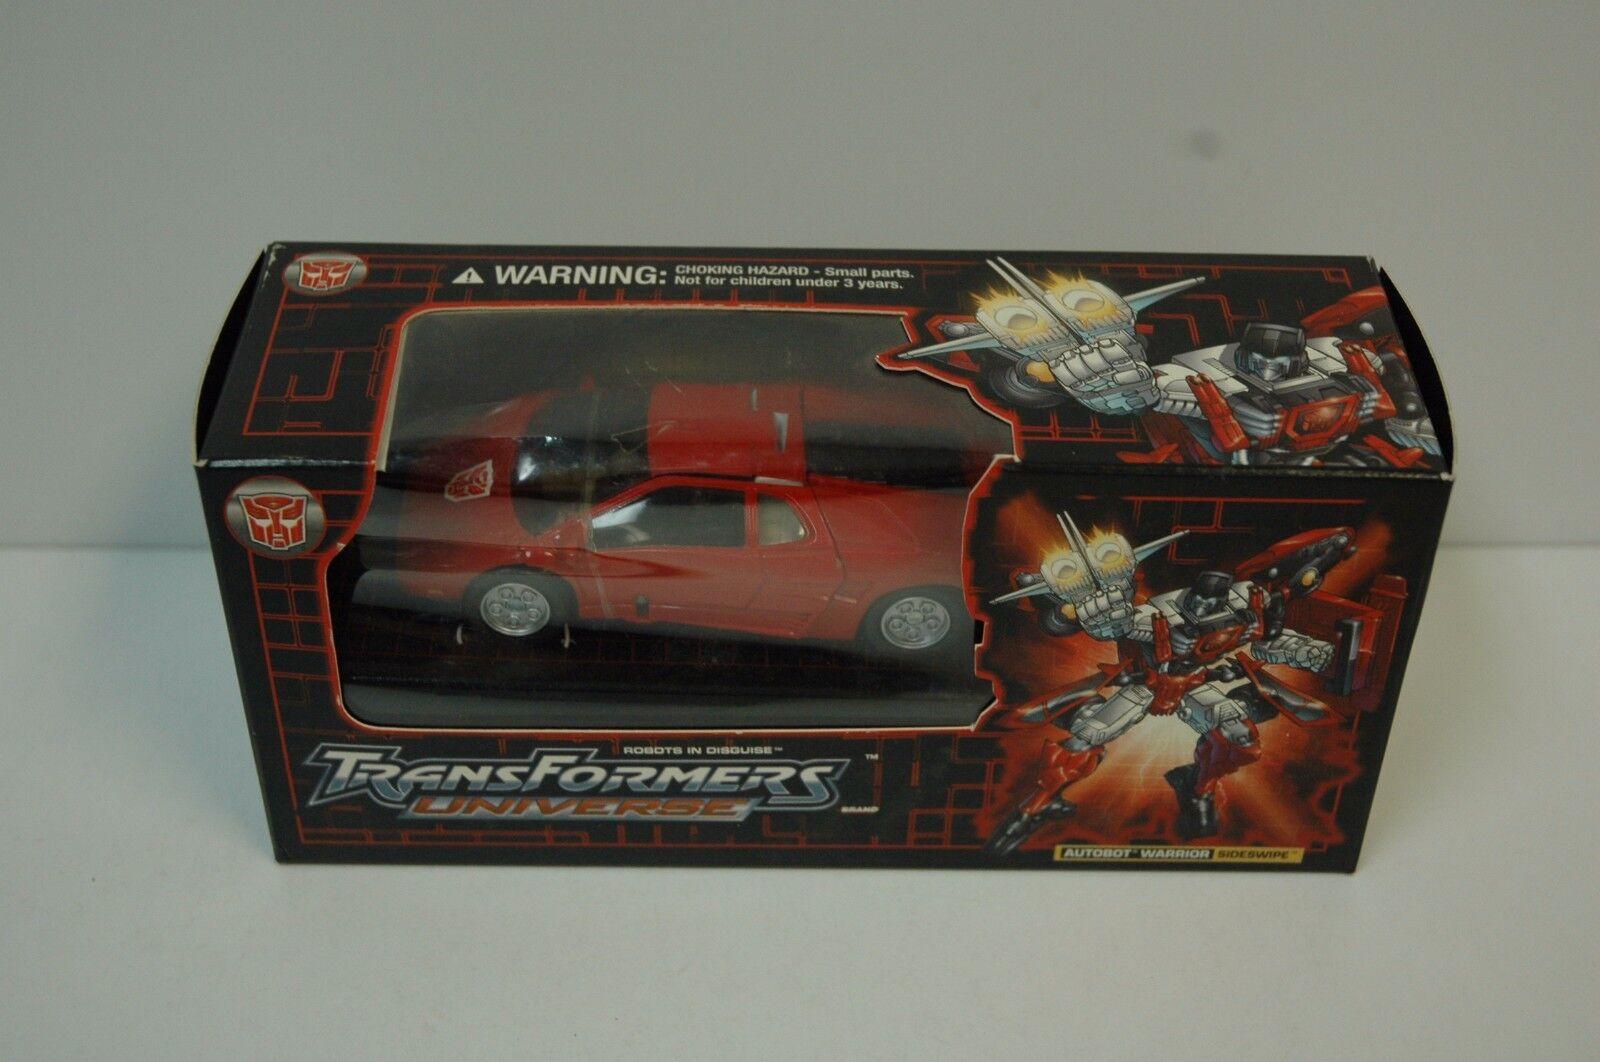 Transformers SIDESWIPE SIDESWIPE SIDESWIPE AUTOBOT WARRIOR Universe MIB Botcon 541a74